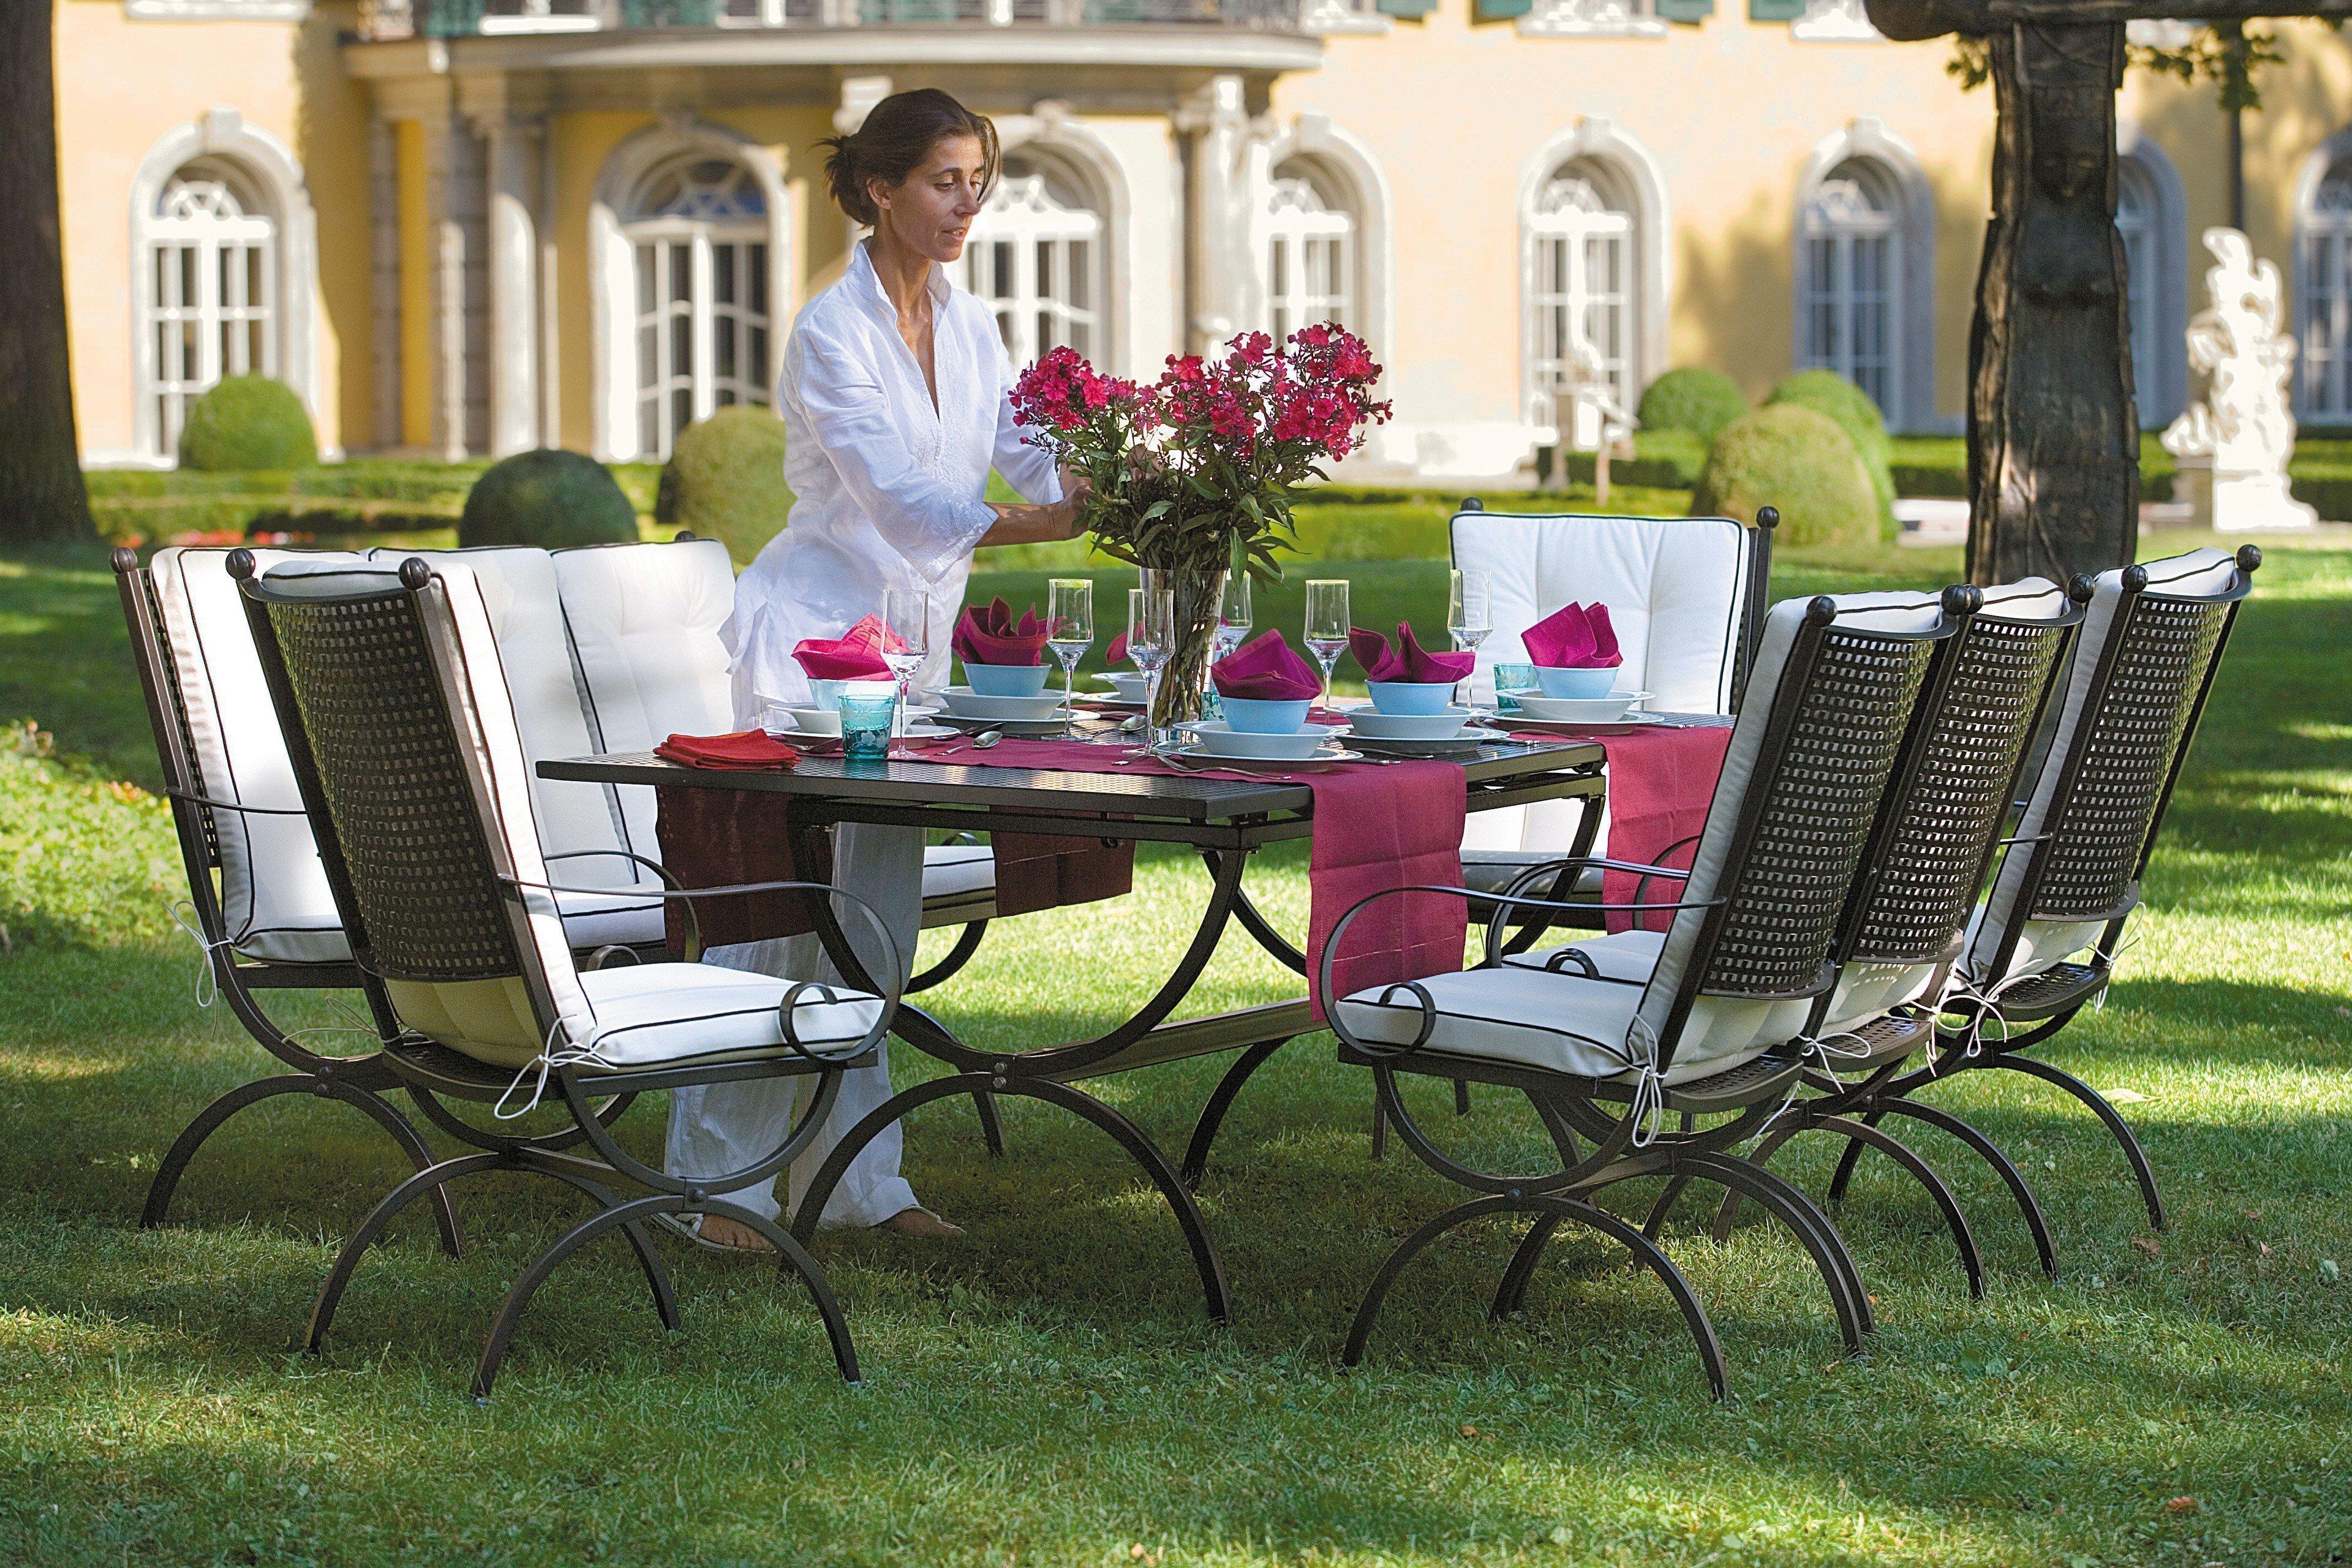 mbm gartentisch romeo schmiedeeisen m bel letz ihr online shop. Black Bedroom Furniture Sets. Home Design Ideas